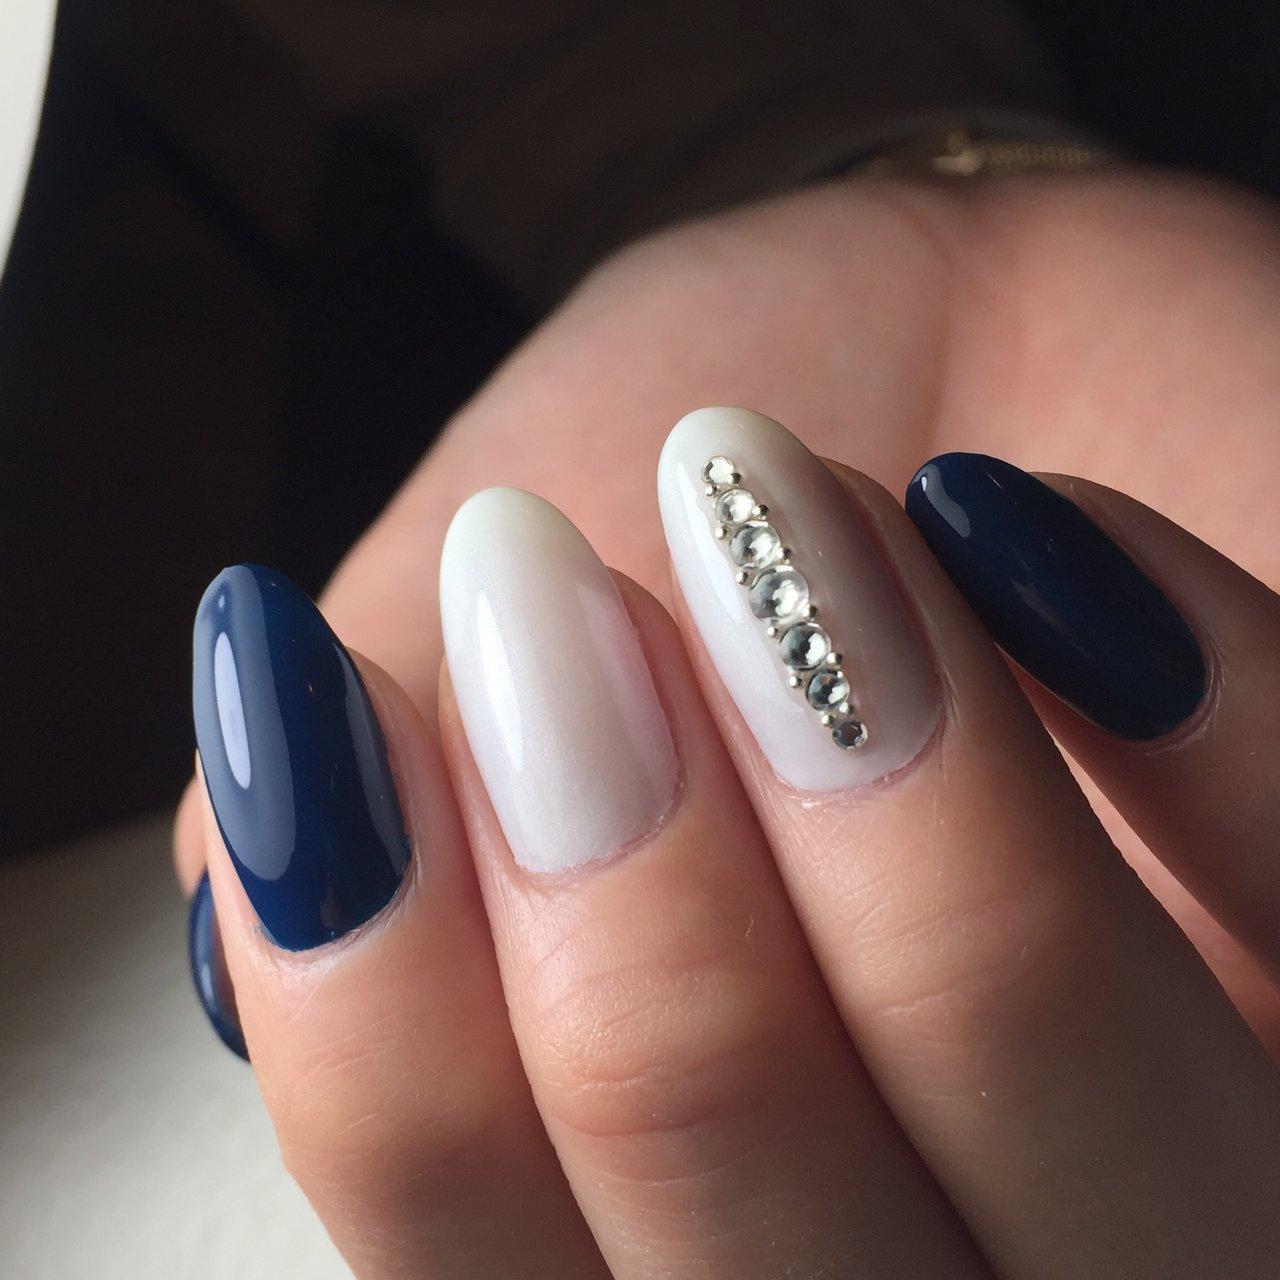 ブルーがかったグリーンとパールホワイトの組み合わせ  濃い色も白と合わせれば夏ネイル!  スワロフスキー は埋め込まない技法で キラキラ輝きを楽しんでもらえます。  #ジェルネイル #ハンド #夏 #ミディアム  #造形ネイル #艶麗ネイル #こだわりネイル  #queensashiya #jr芦屋 #こだわりフォルム #夏 #海 #浴衣 #パーティー #ハンド #シンプル #ワンカラー #ビジュー #ミディアム #ホワイト #グリーン #ネイビー #ジェル #yukoigarashi #ネイルブック